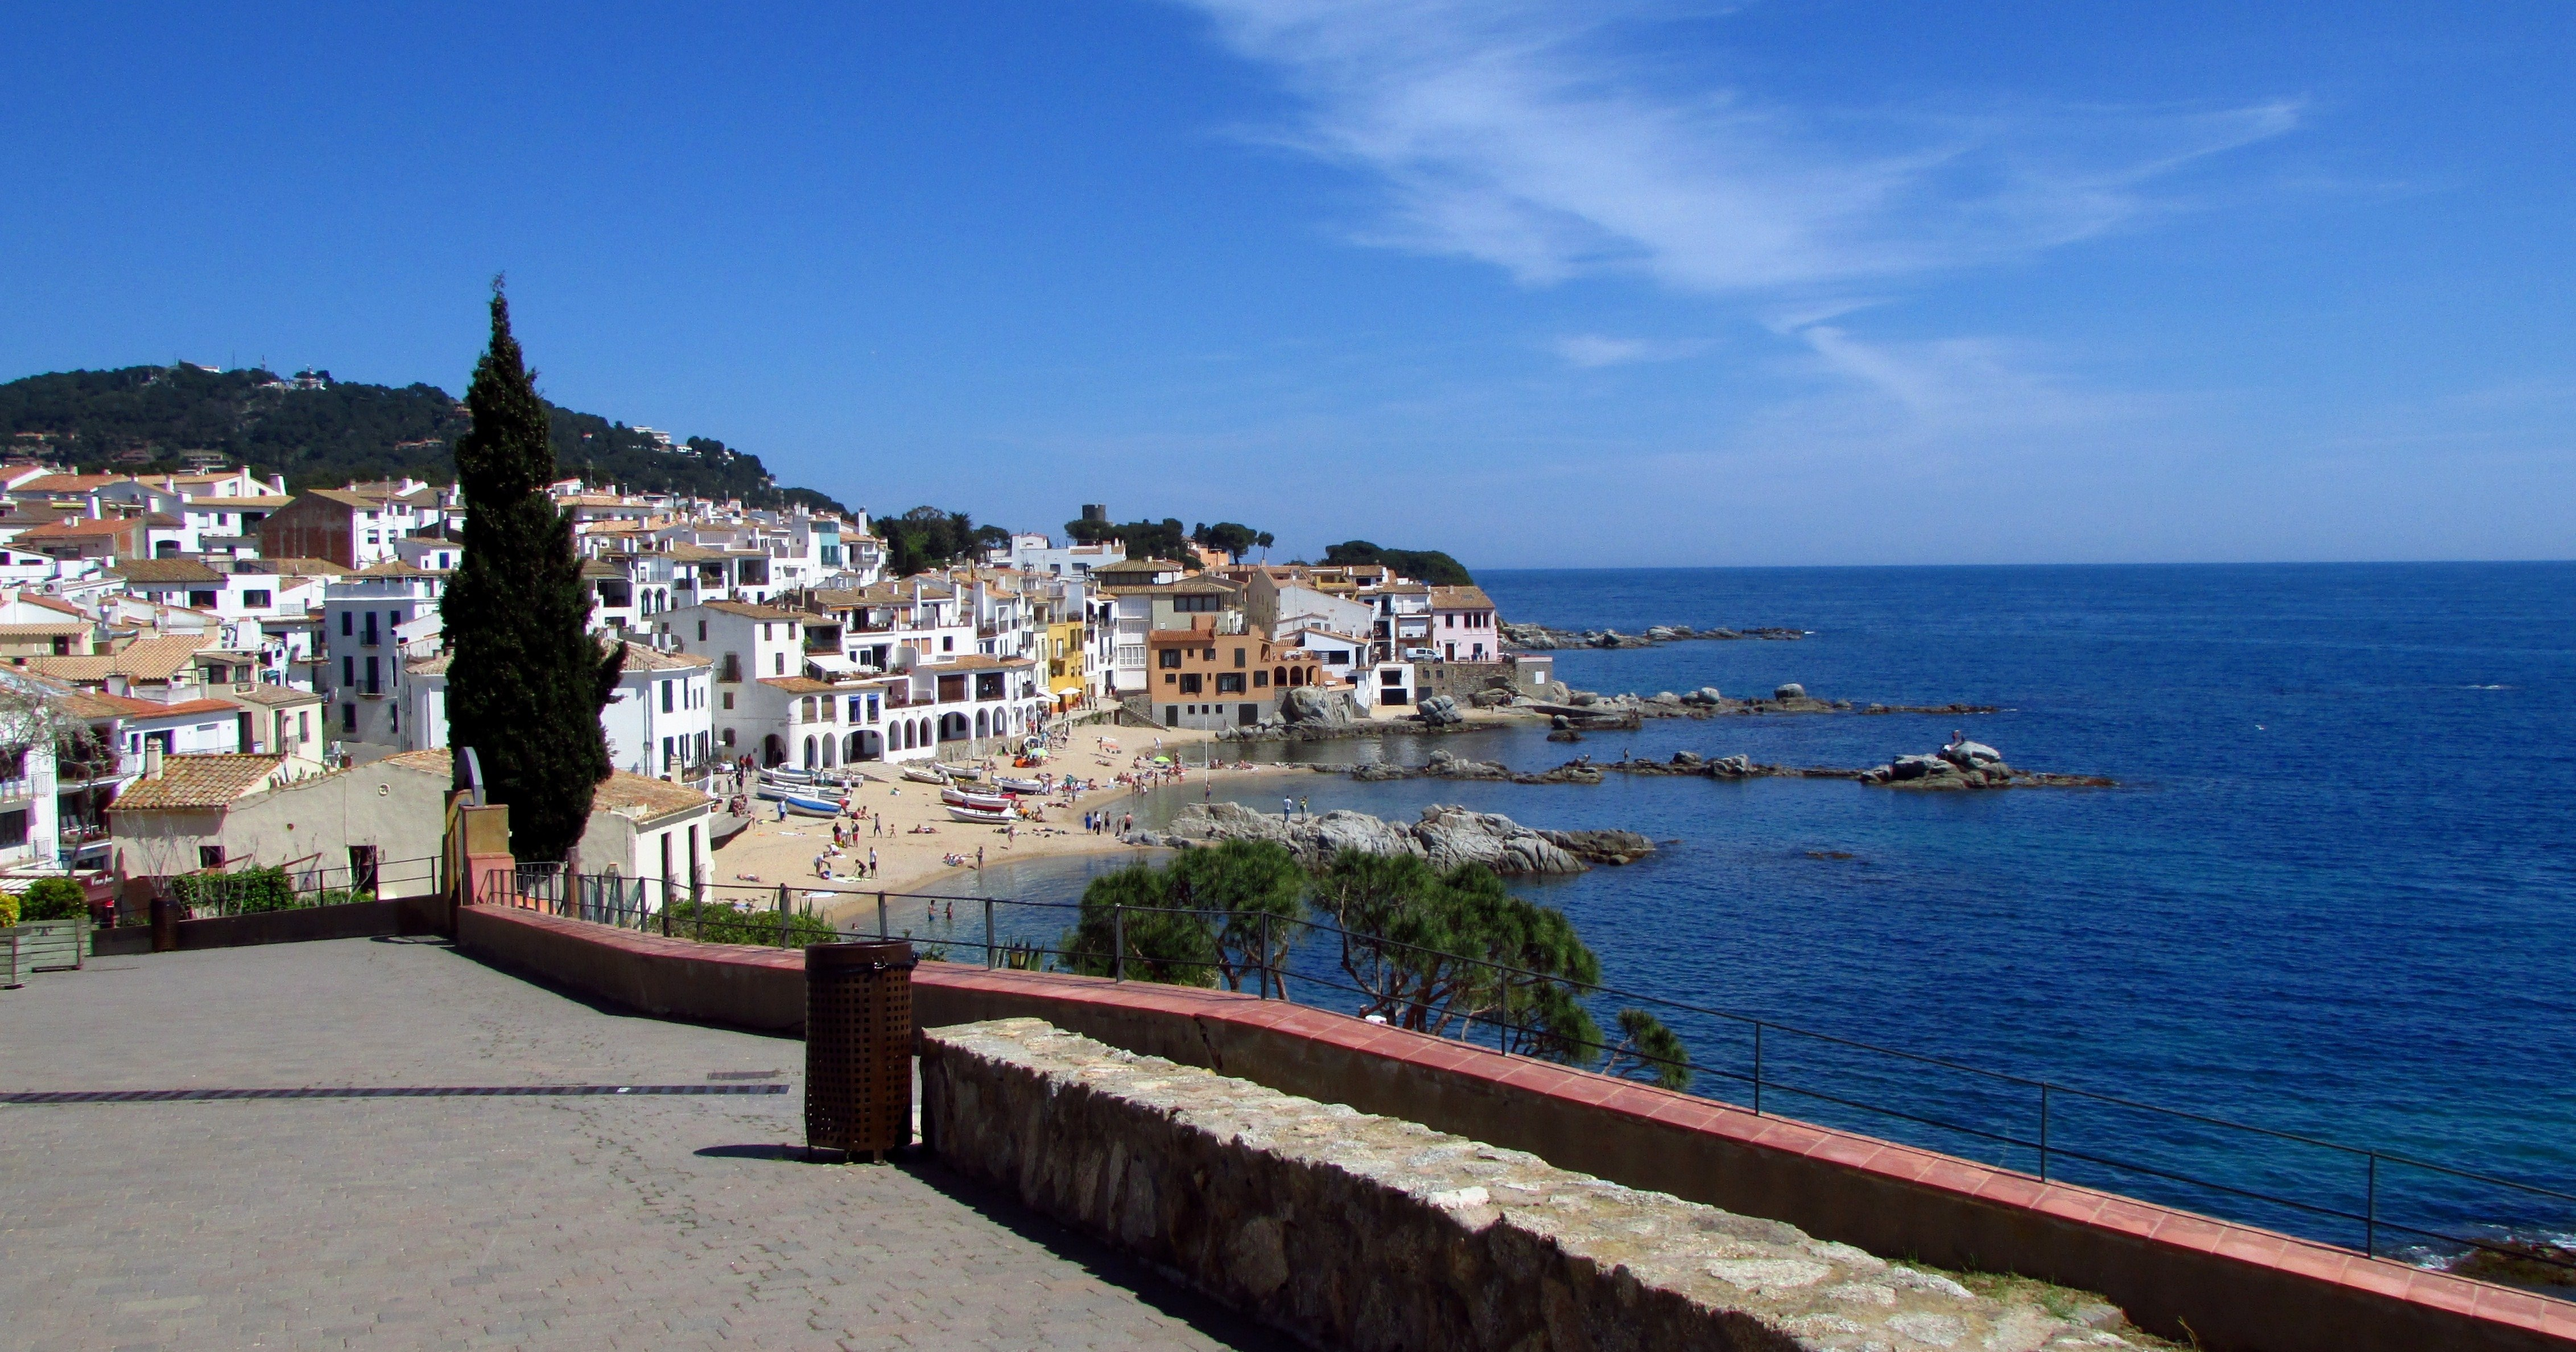 Купить недвижимость в Каталонии